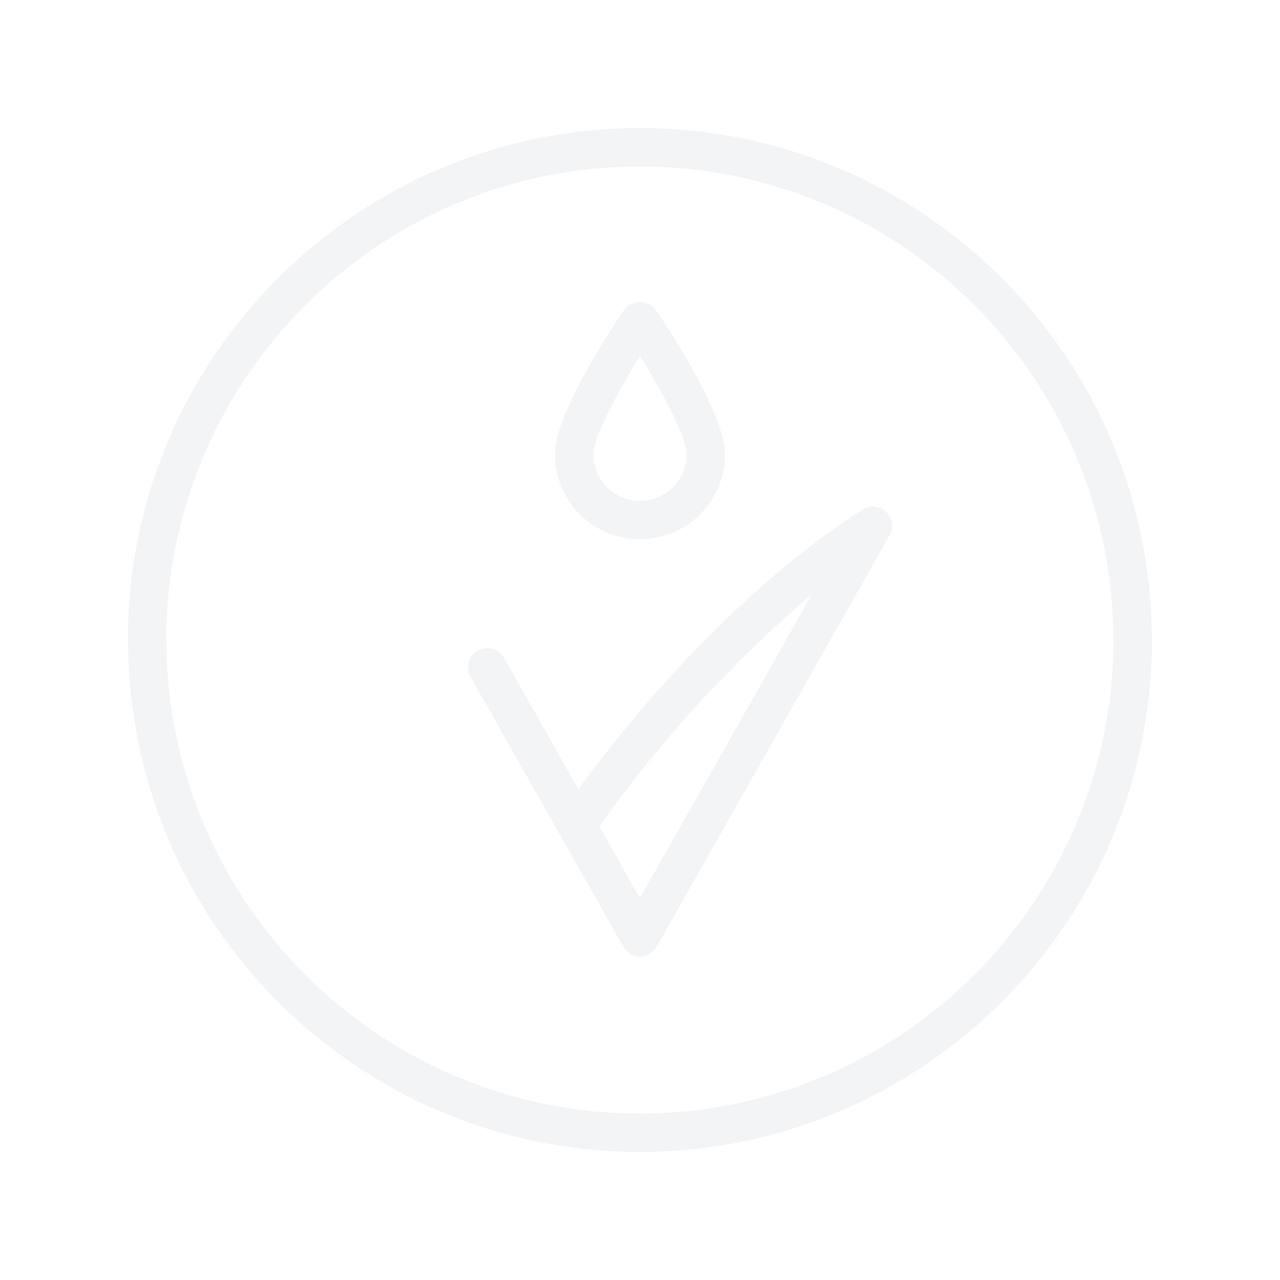 JUVENA Skin Rejuvenate Intensive Nourishing Day Cream 50ml